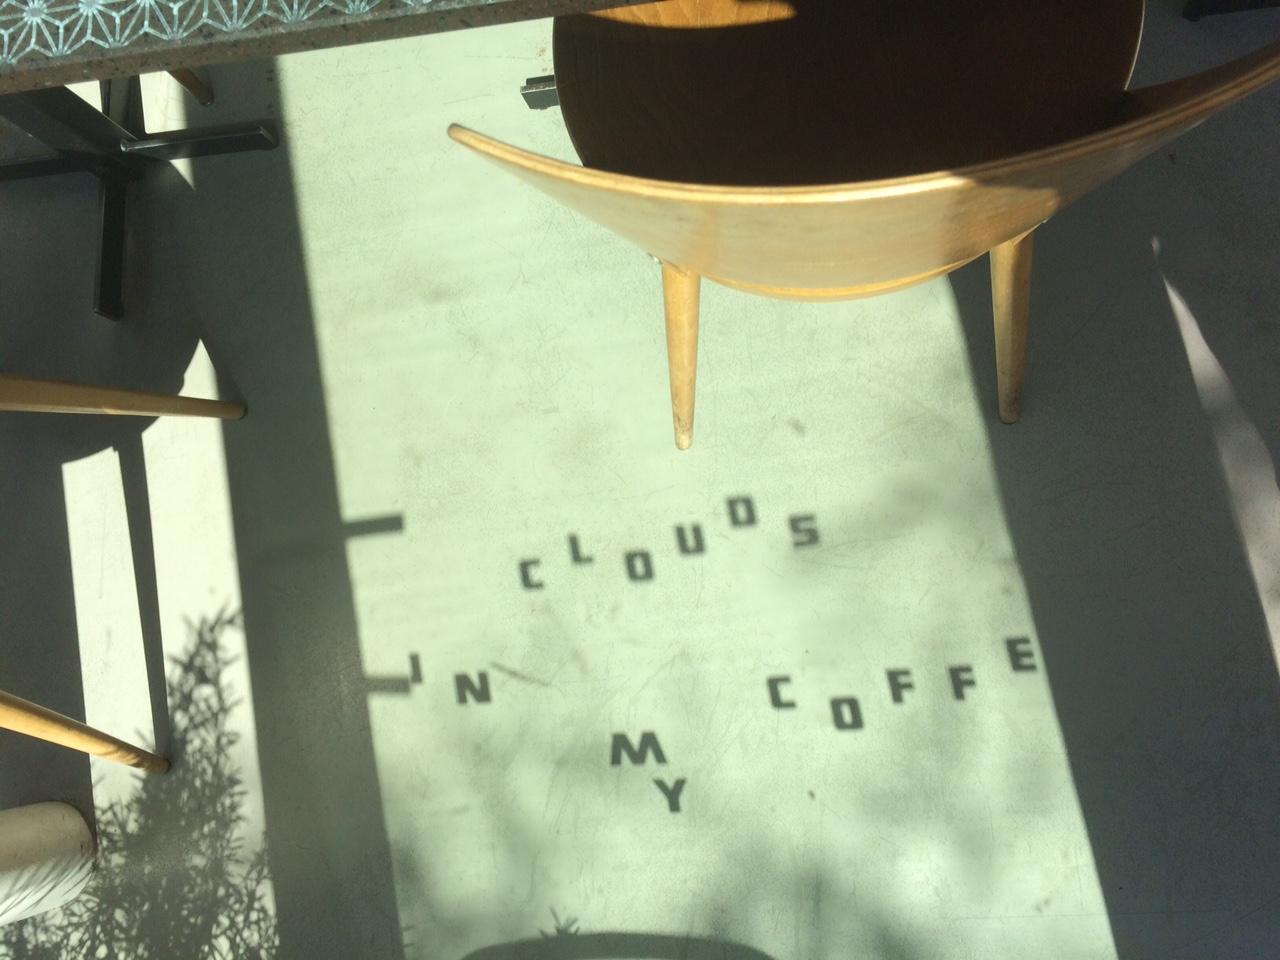 CLOUDS_9000_IOBJECT_CAFE_CLOUD_jap